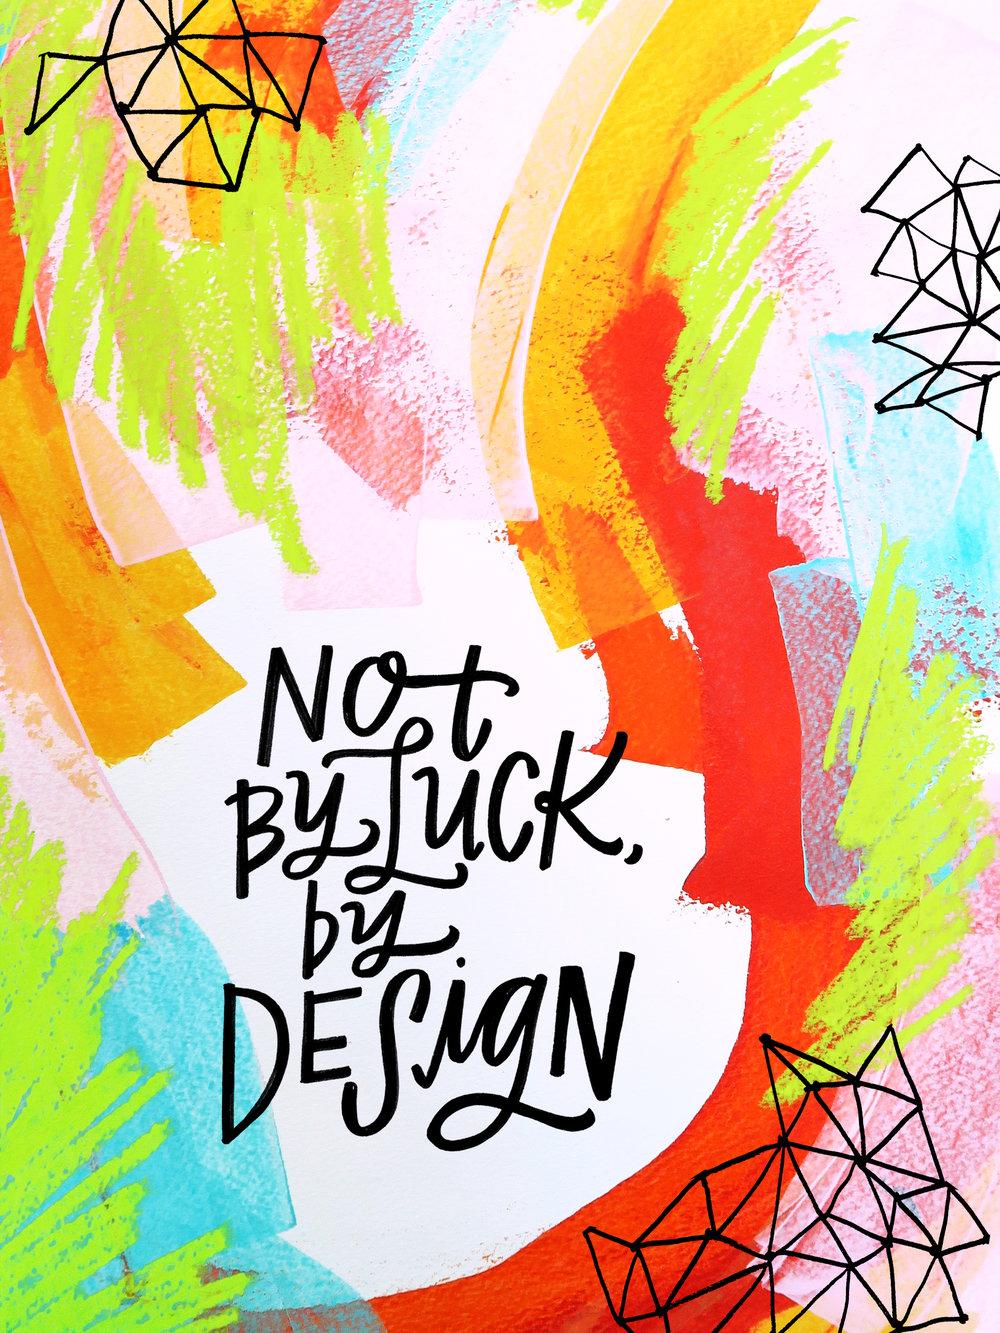 3/13/16: Design